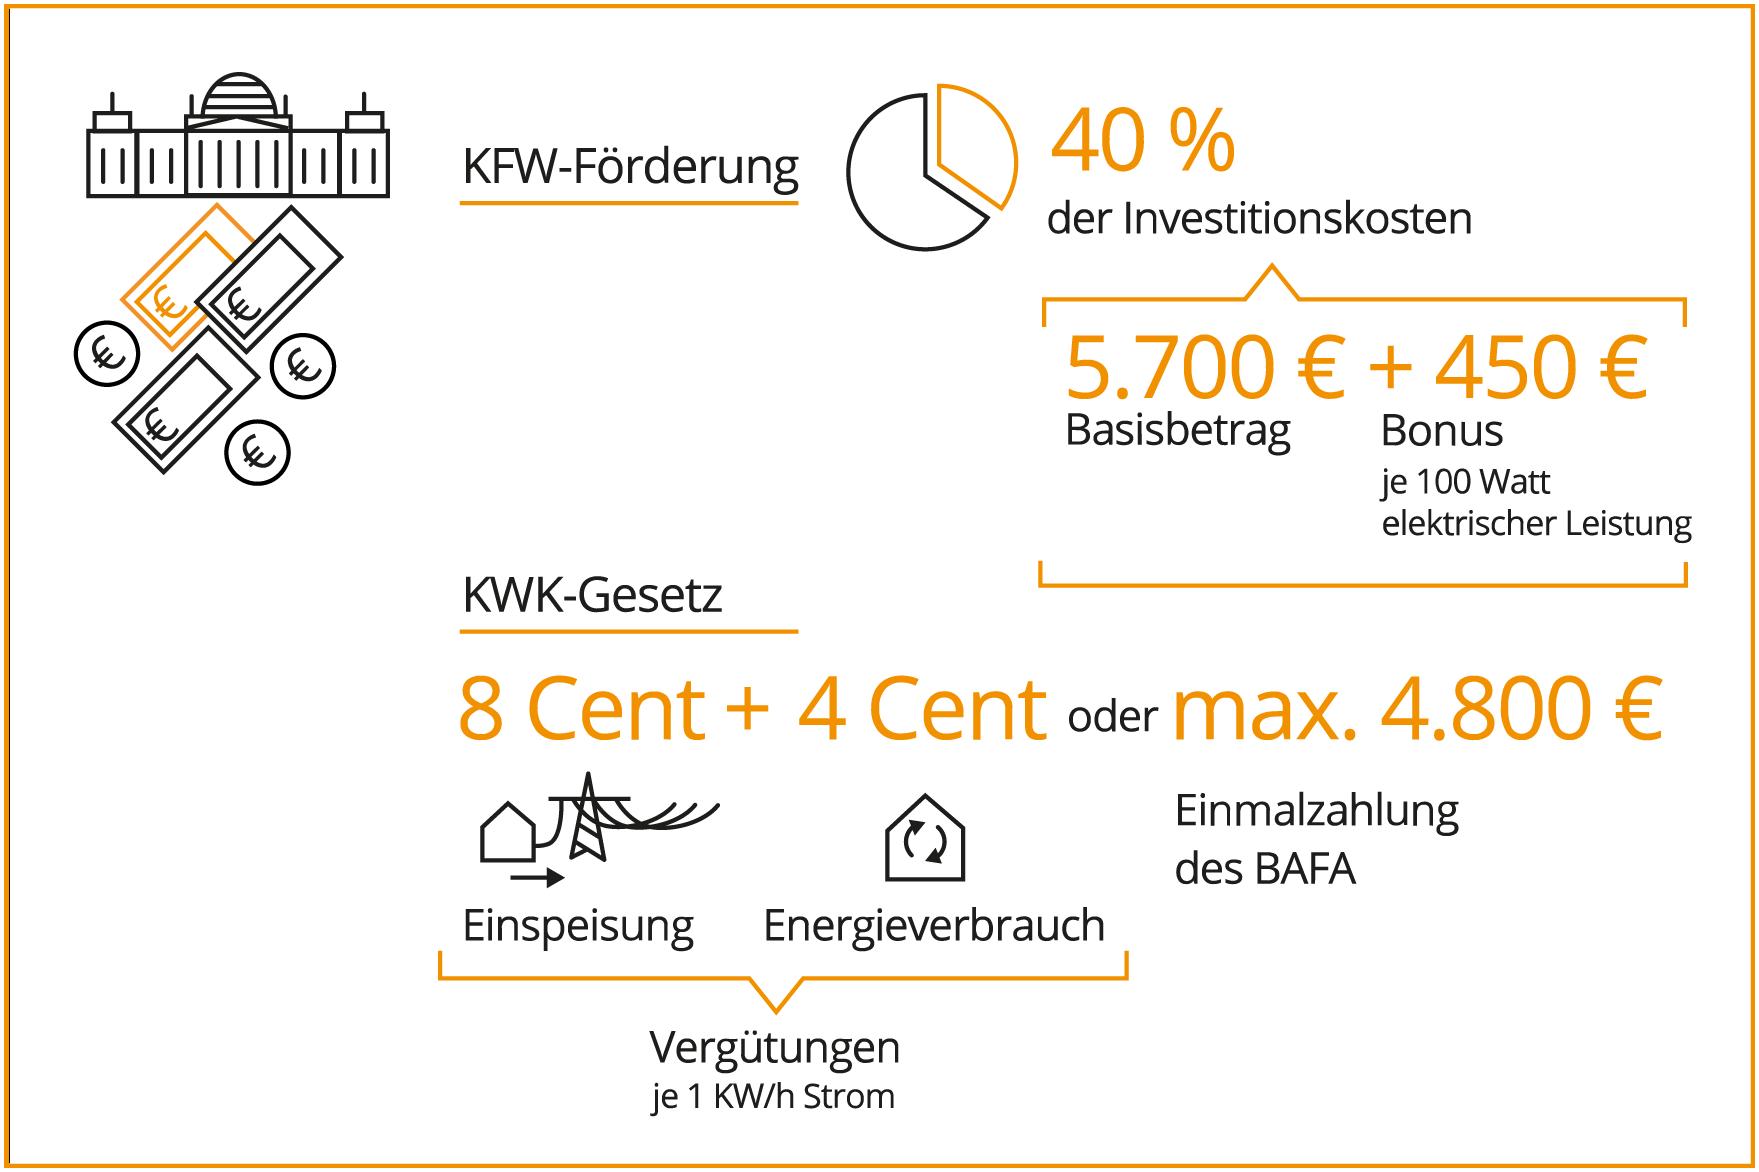 Das Schaubild zeigt die KfW-Förderung bei der Brennstoffzelle.